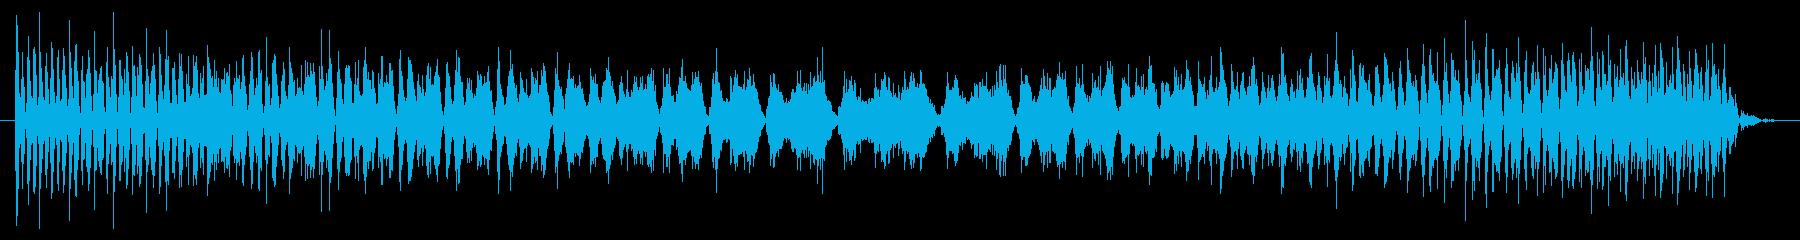 機械故障の電源シャッターの再生済みの波形